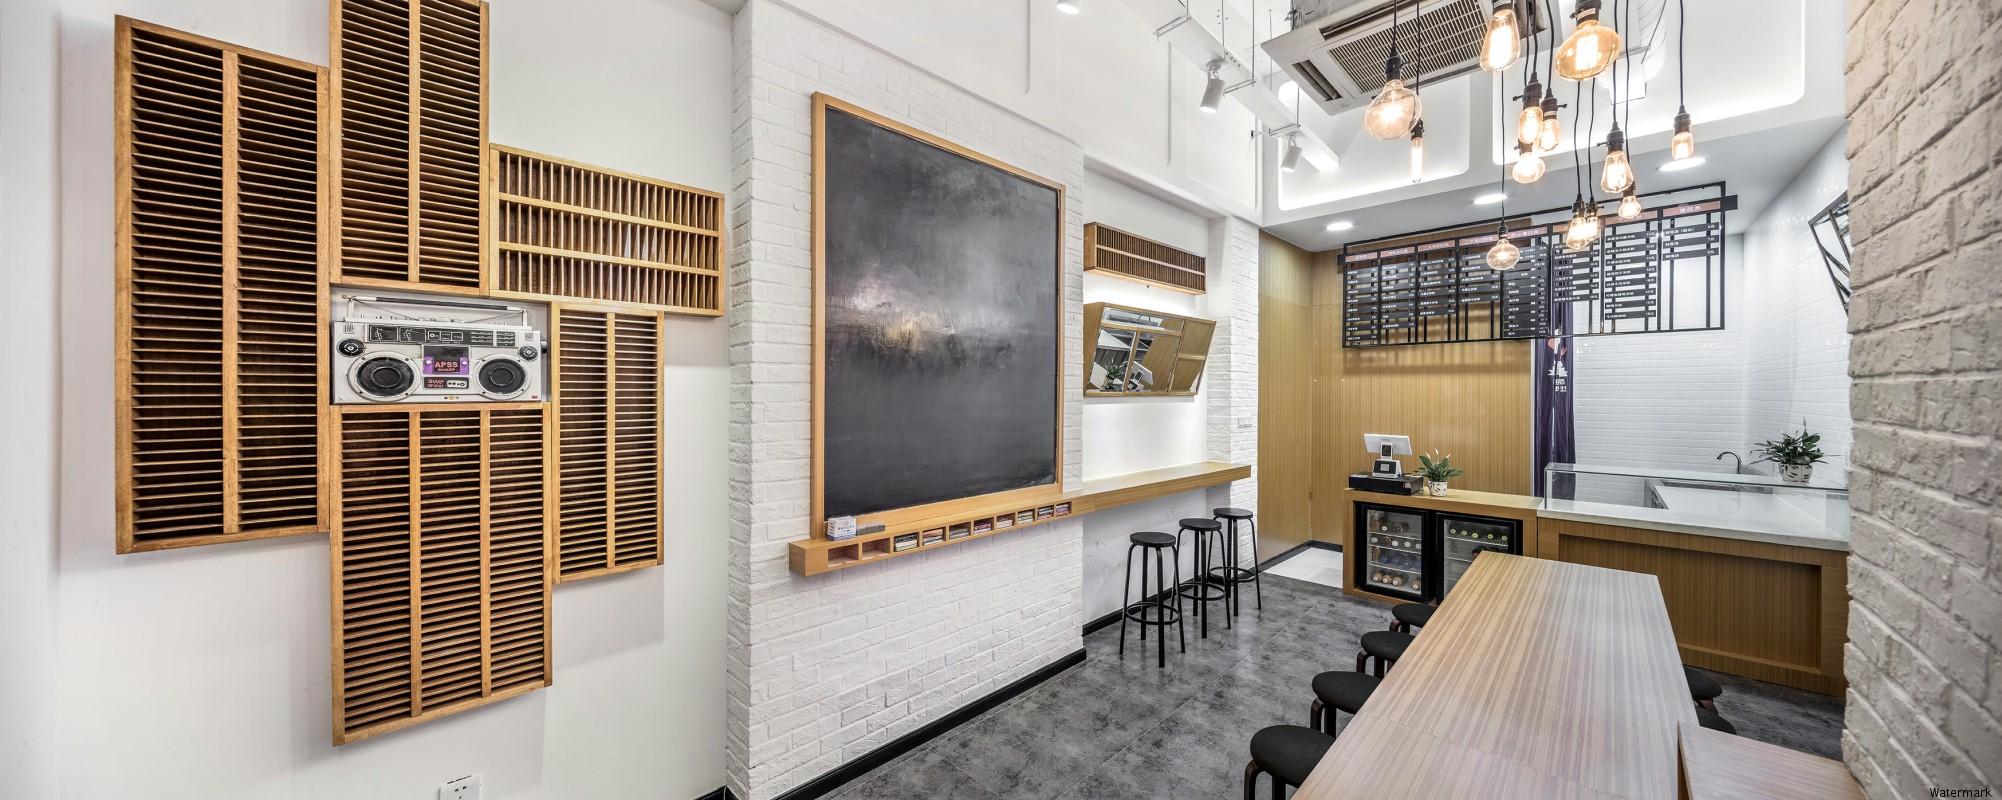 首页 新闻中心 业界动态  05-09商业空间设计-怀旧主题餐厅si设计